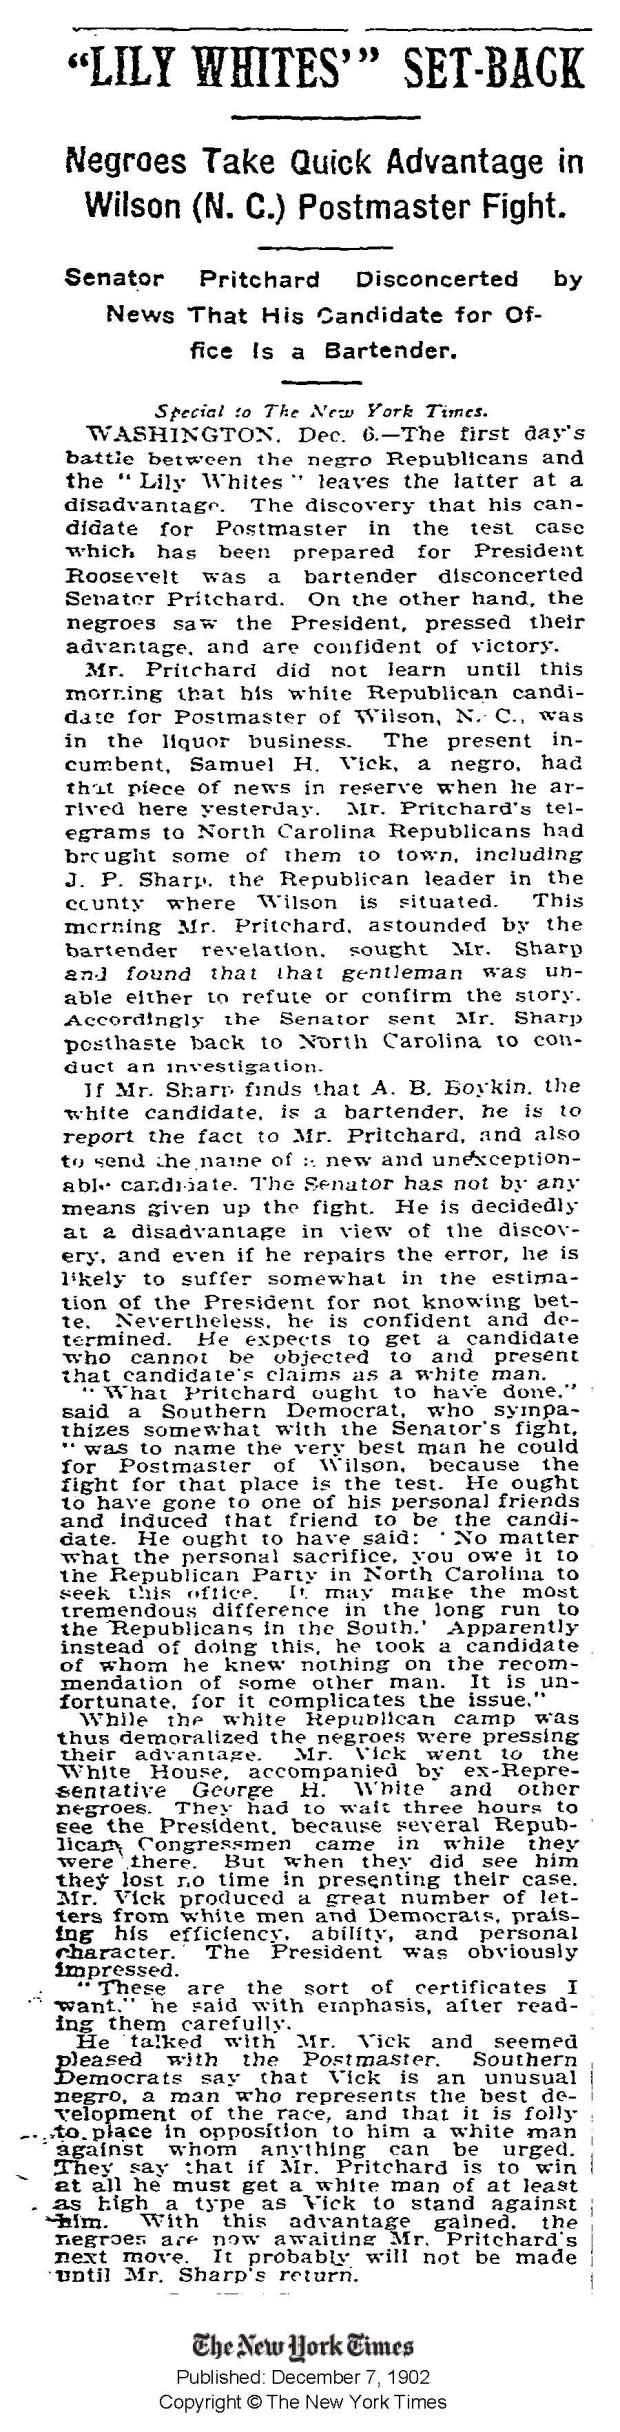 NY Times 12 7 1902 Vick